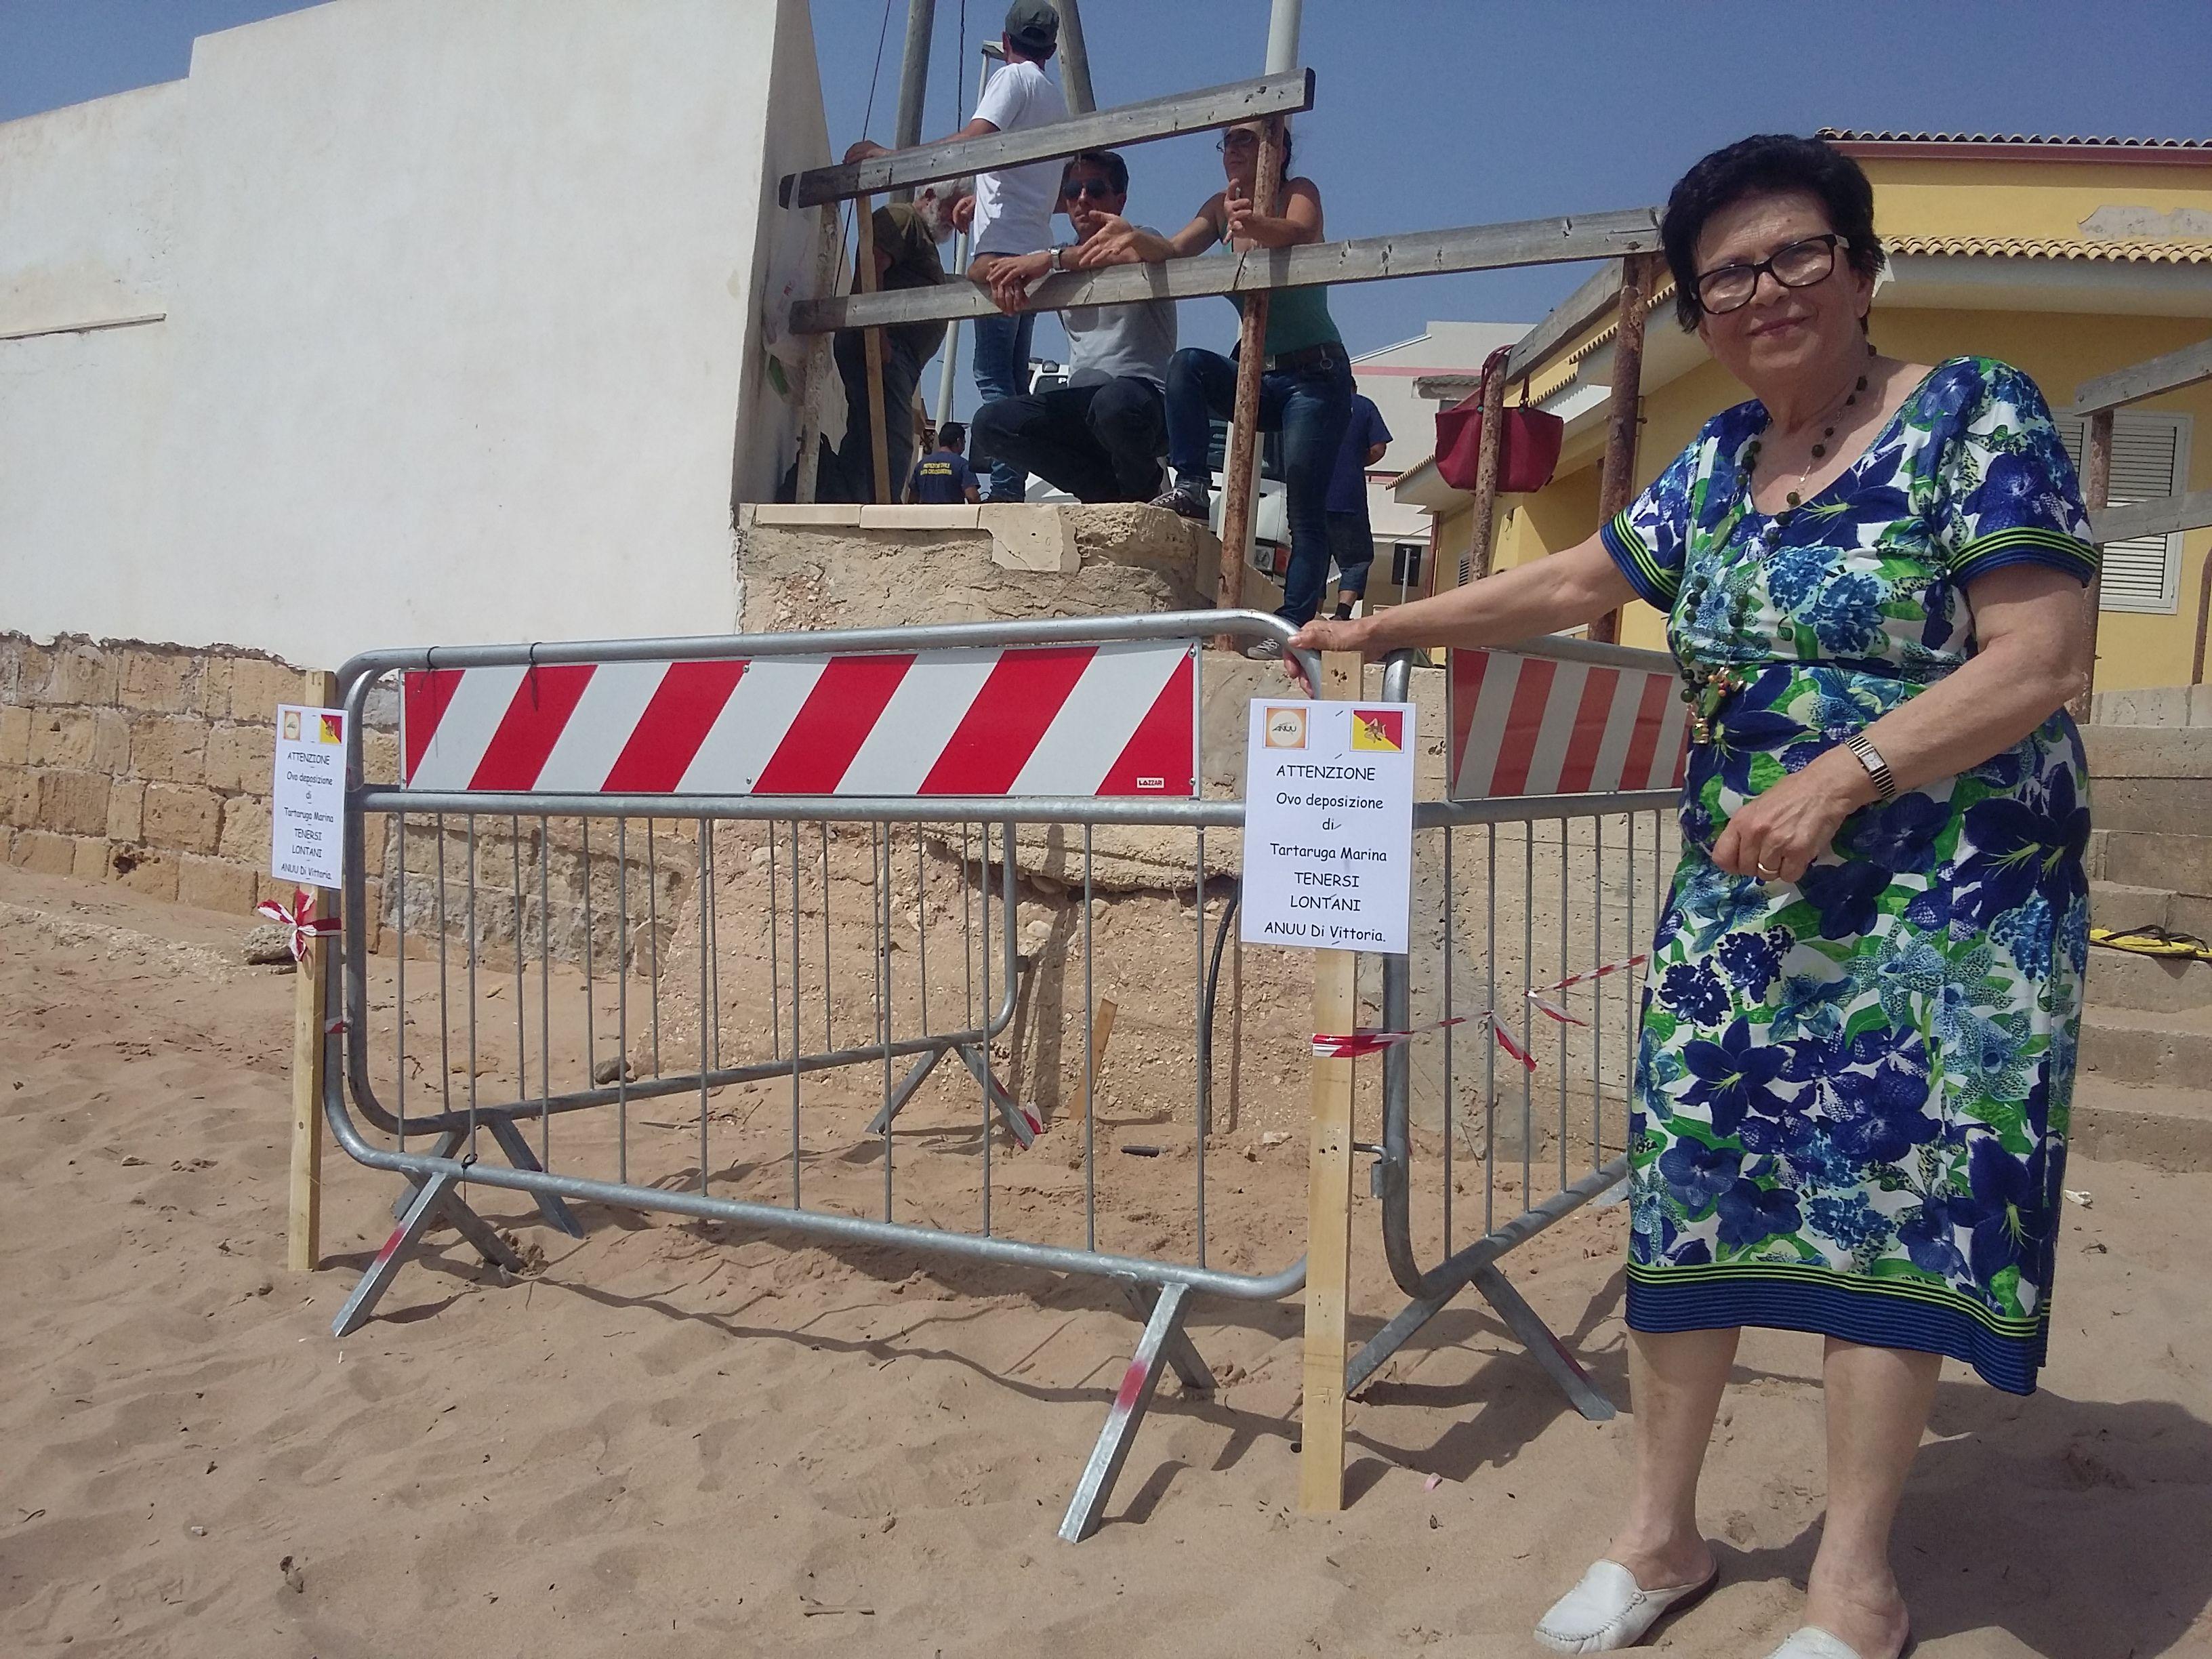 Una porzione di spiaggia per le uova di Tarty: resteranno lì 45-60 giorni FOTO